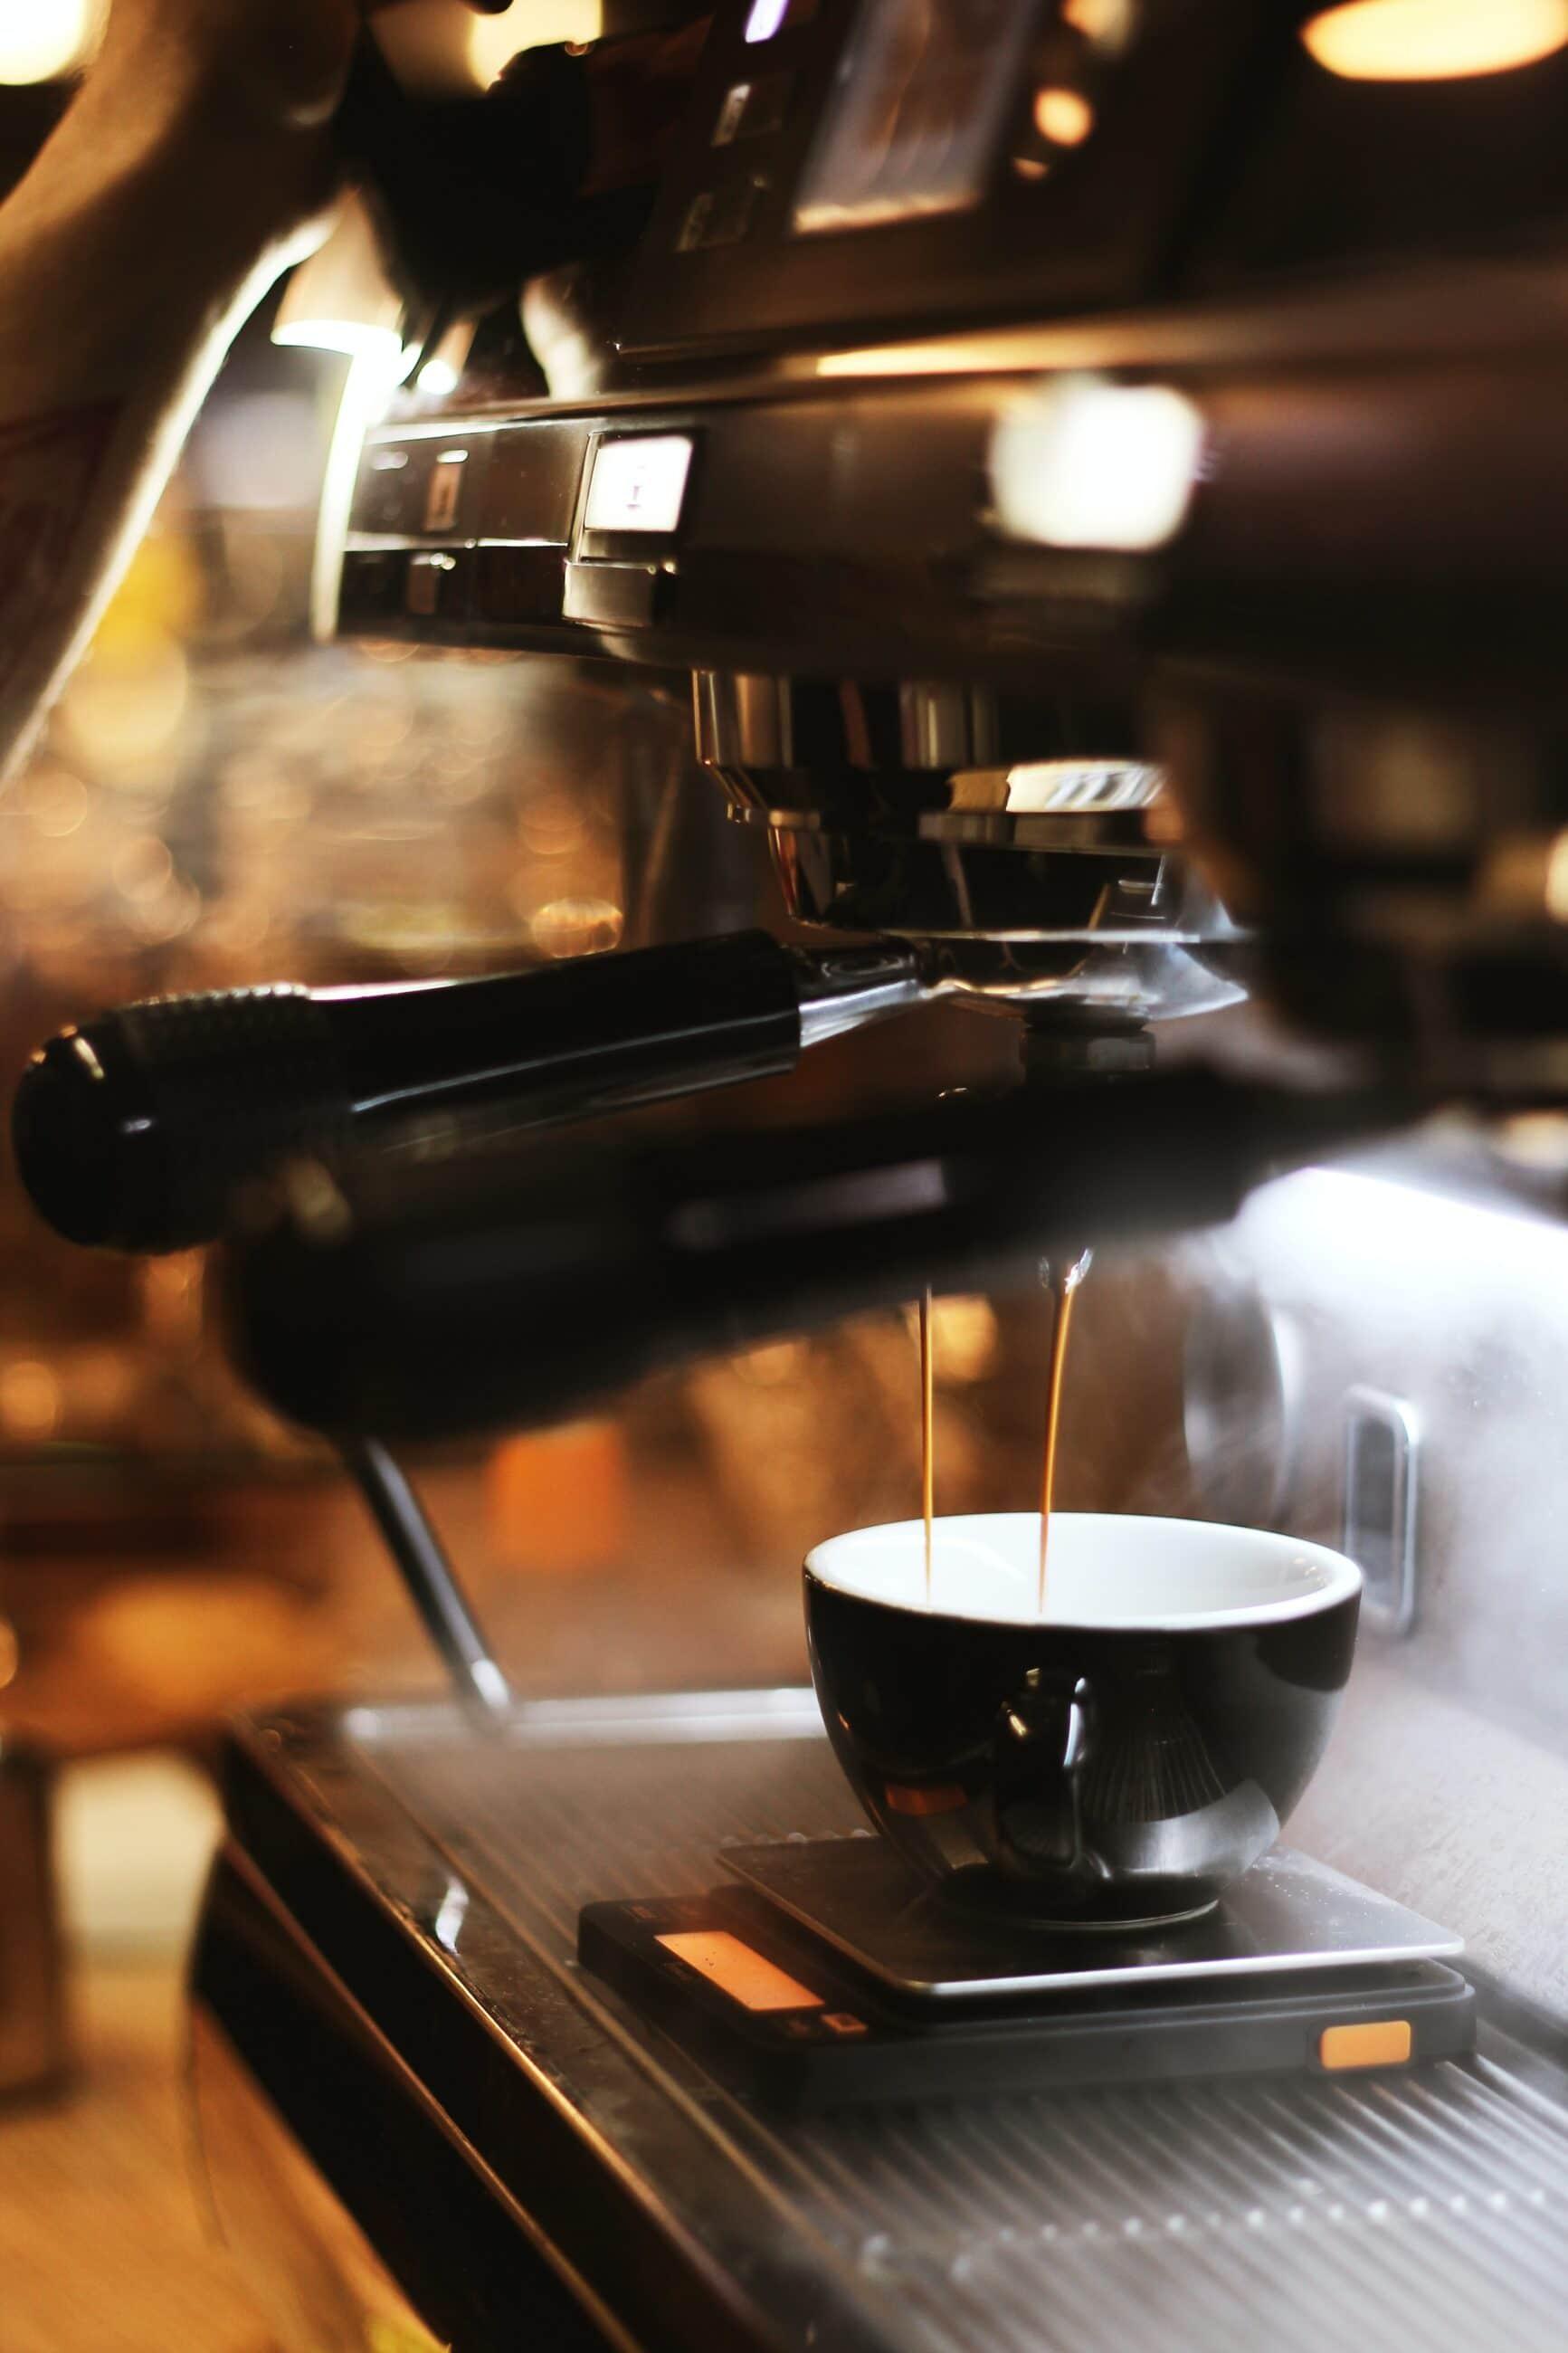 pexels viktoria alipatova 2668498 scaled - La cafetiere electrique à choisir pour faire du bon café